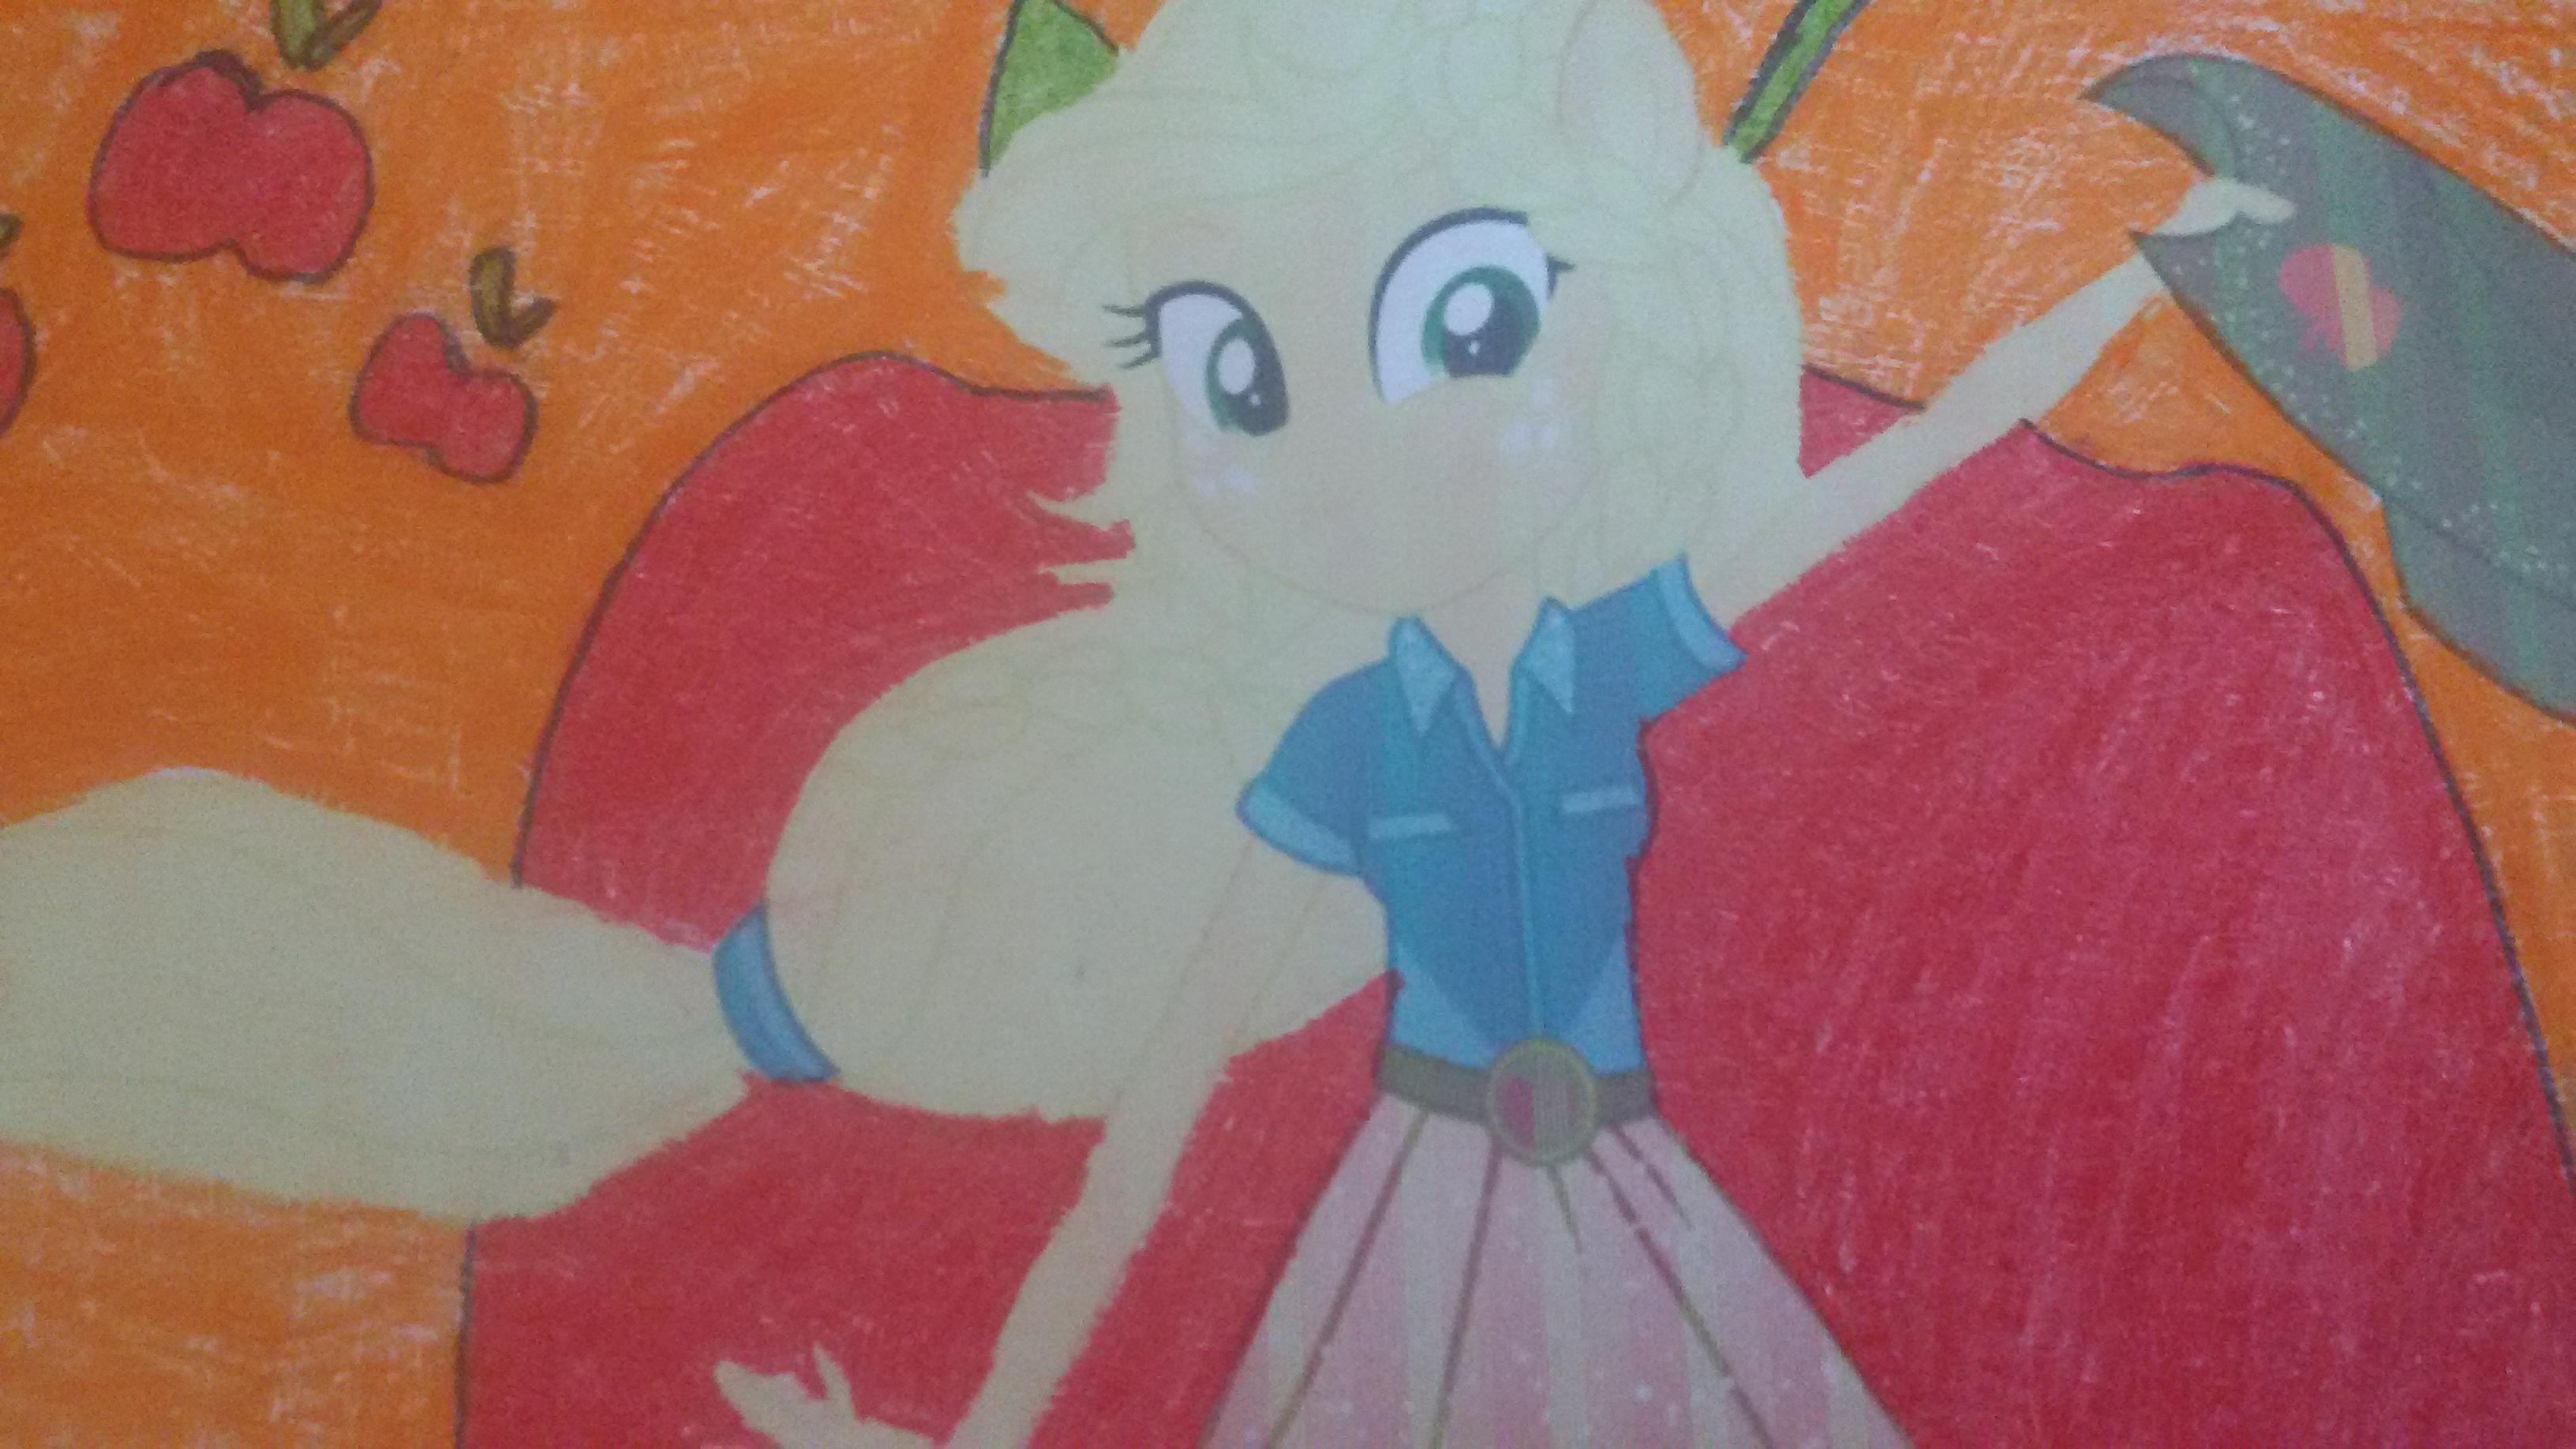 Applejack Equestria Girl images 1536303954607160090808 HD 3264x1836